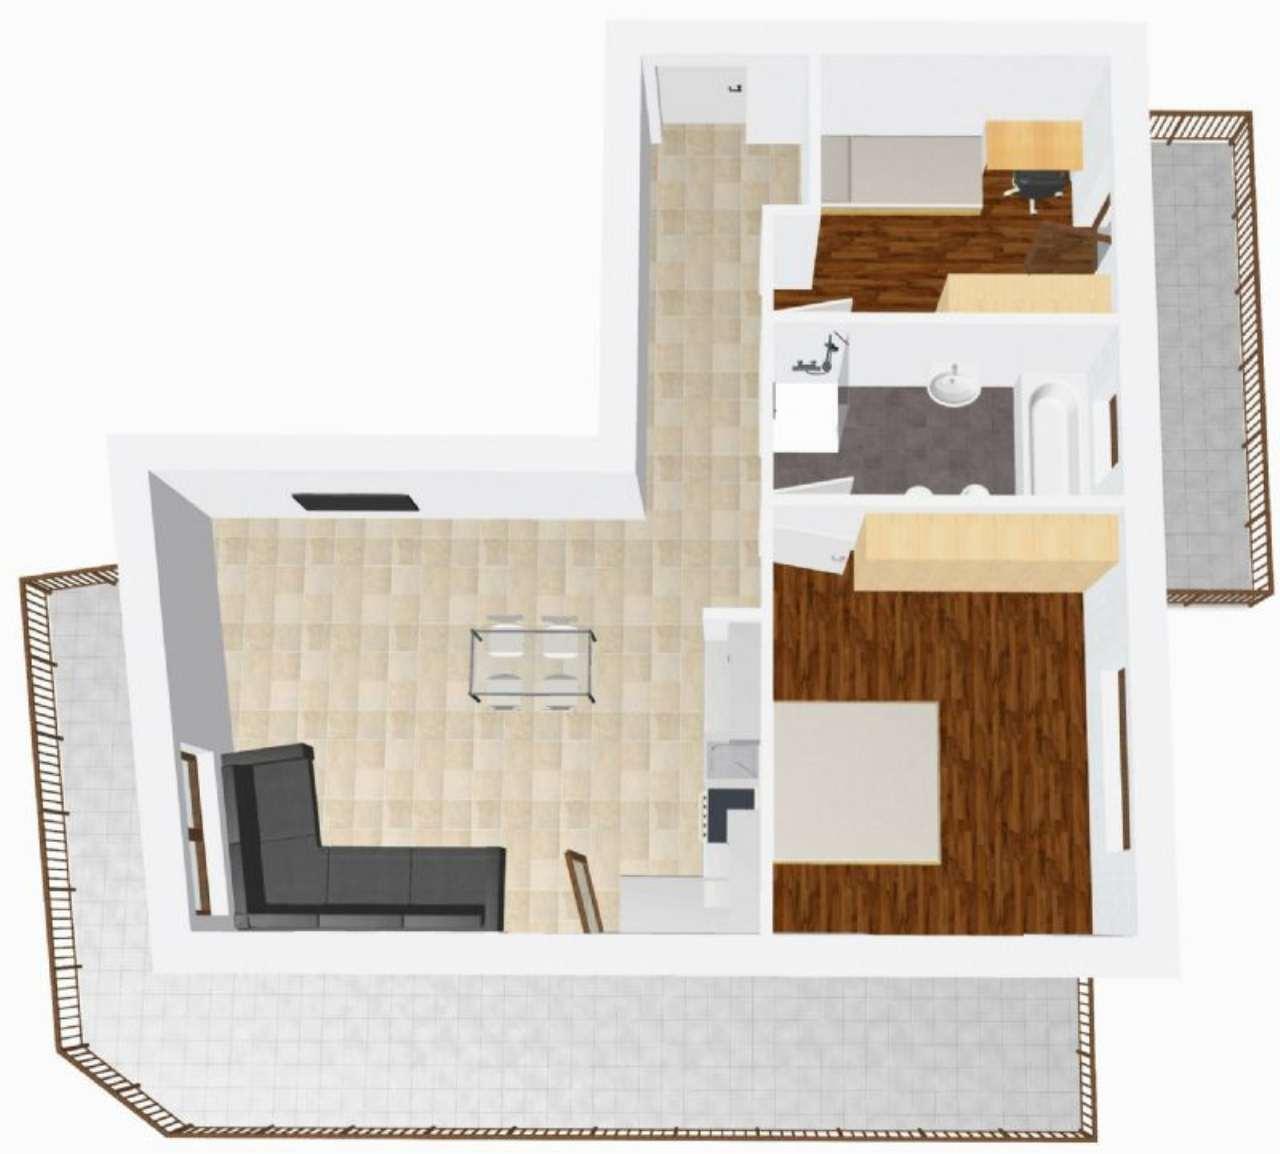 Attico / Mansarda in vendita a Vandoies, 3 locali, prezzo € 239.000 | Cambio Casa.it